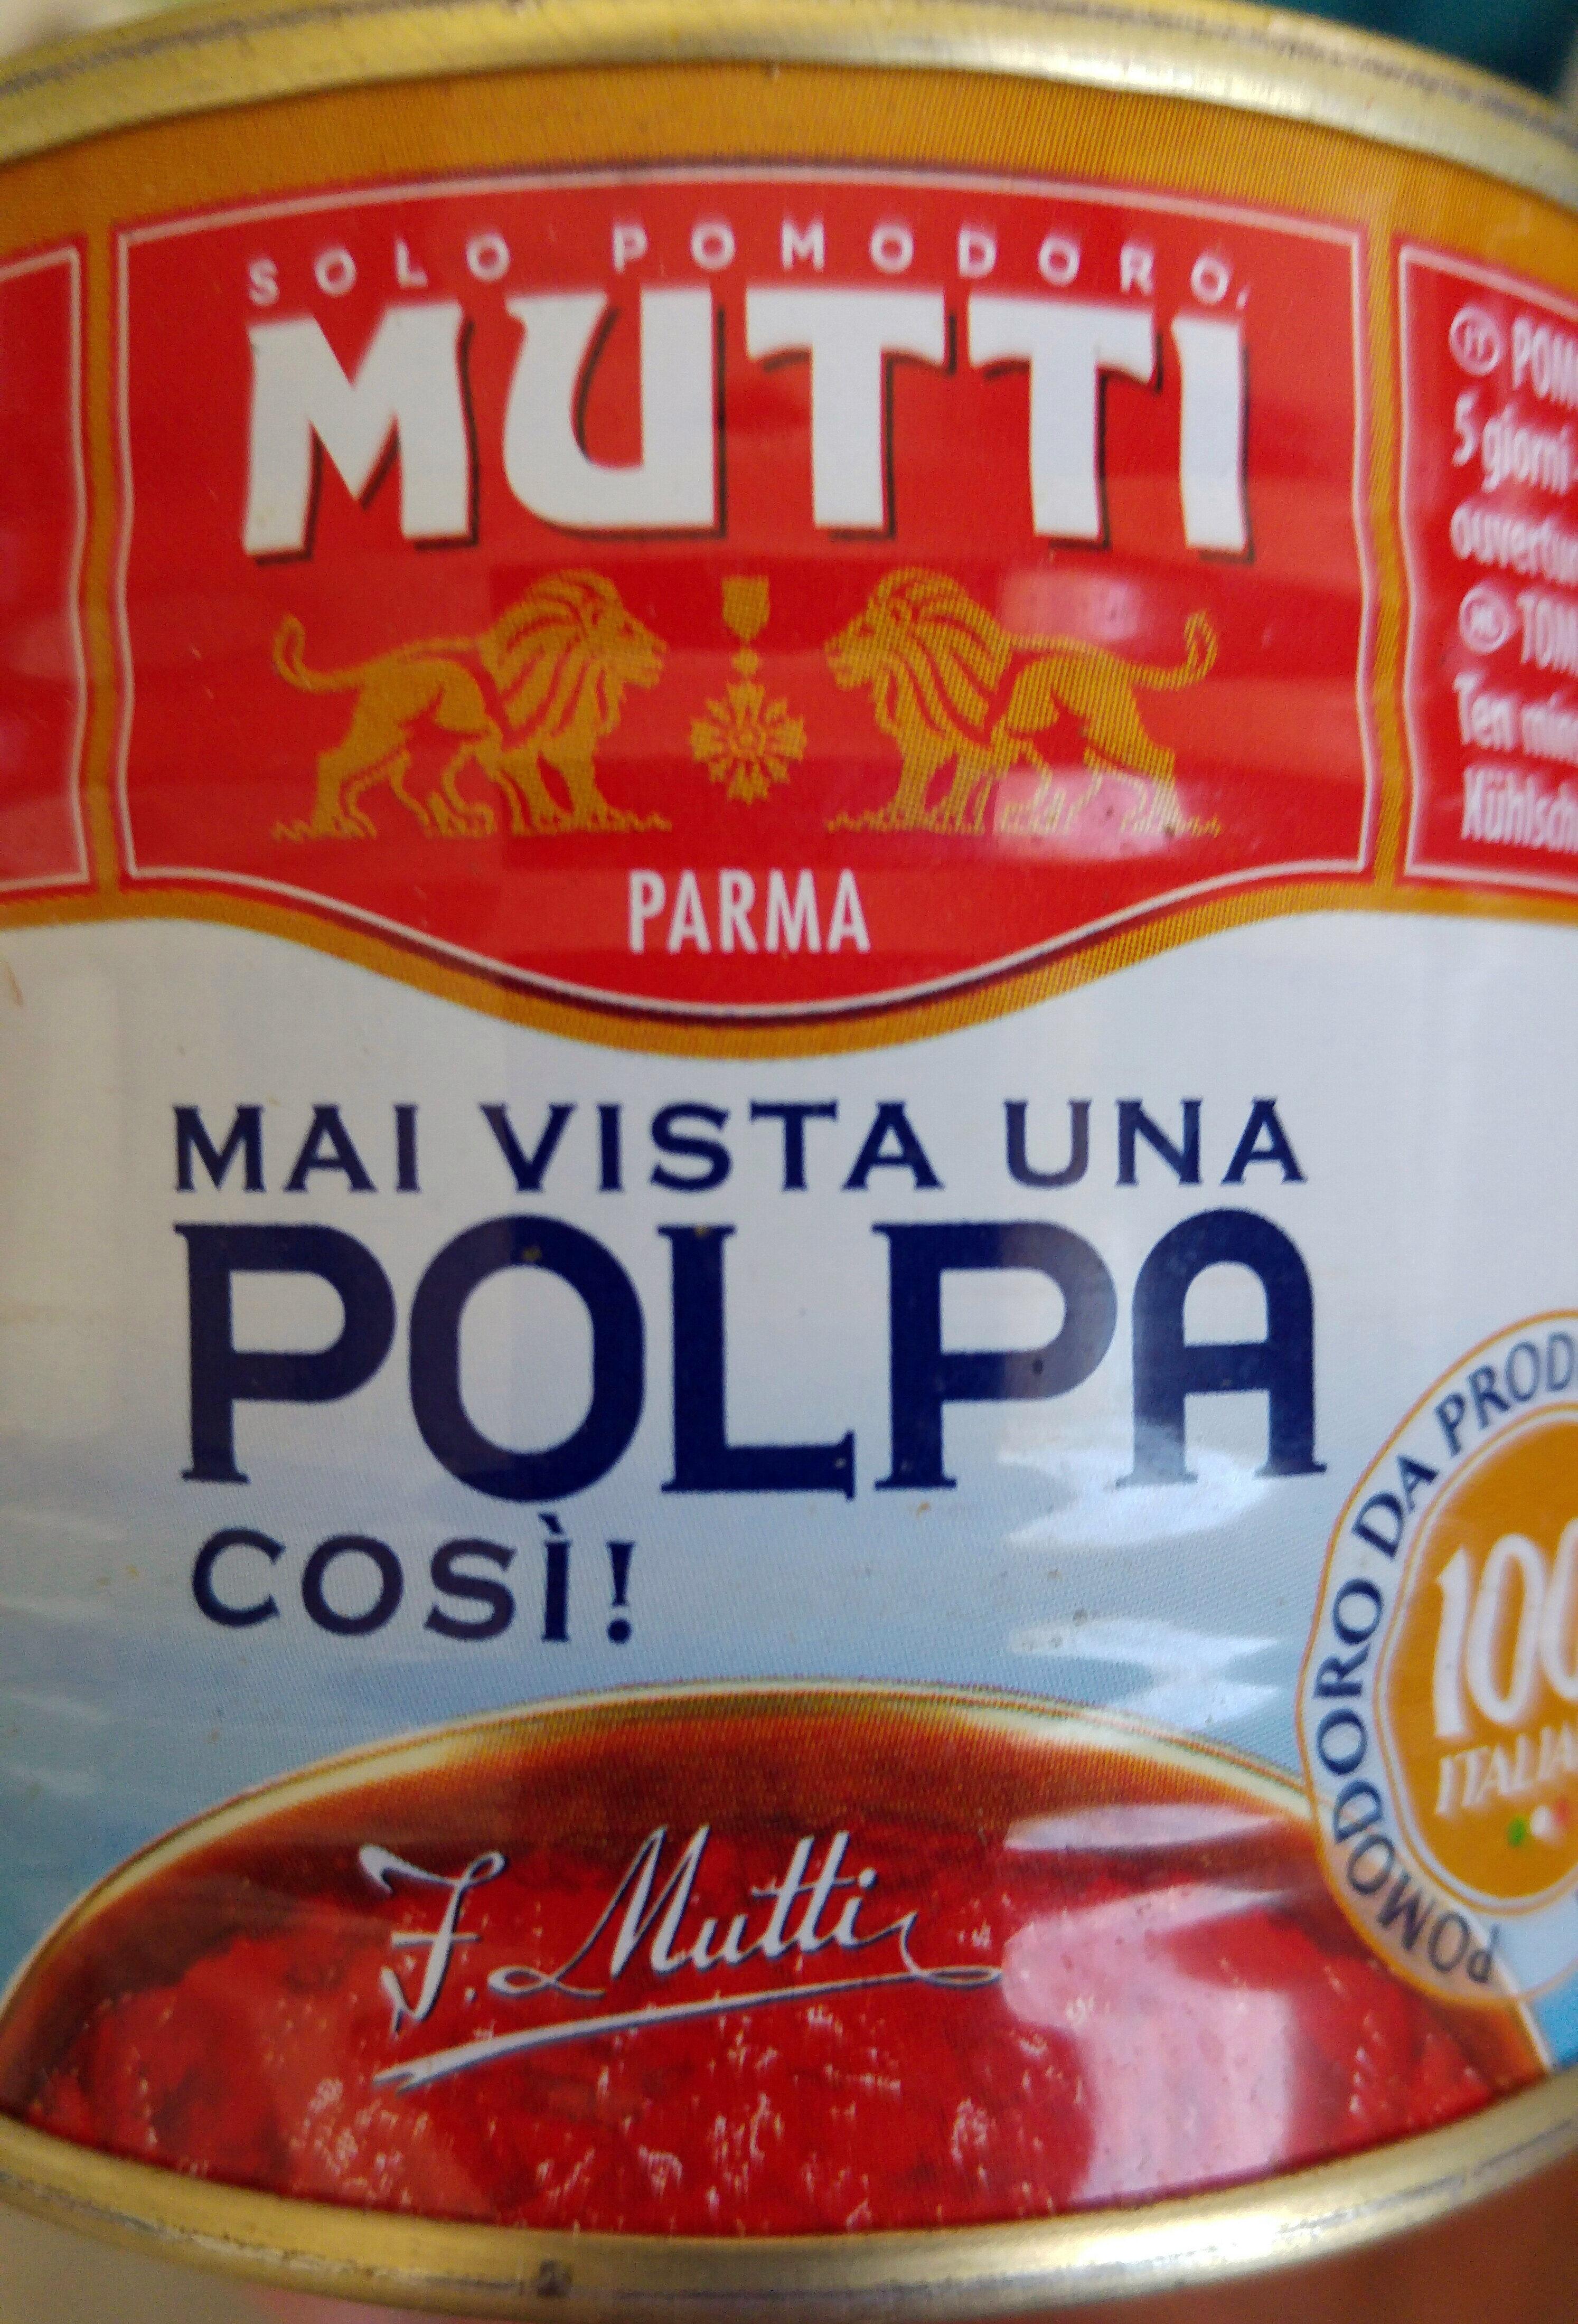 Polpa (stückige Tomaten), 2 x 210G - Produkt